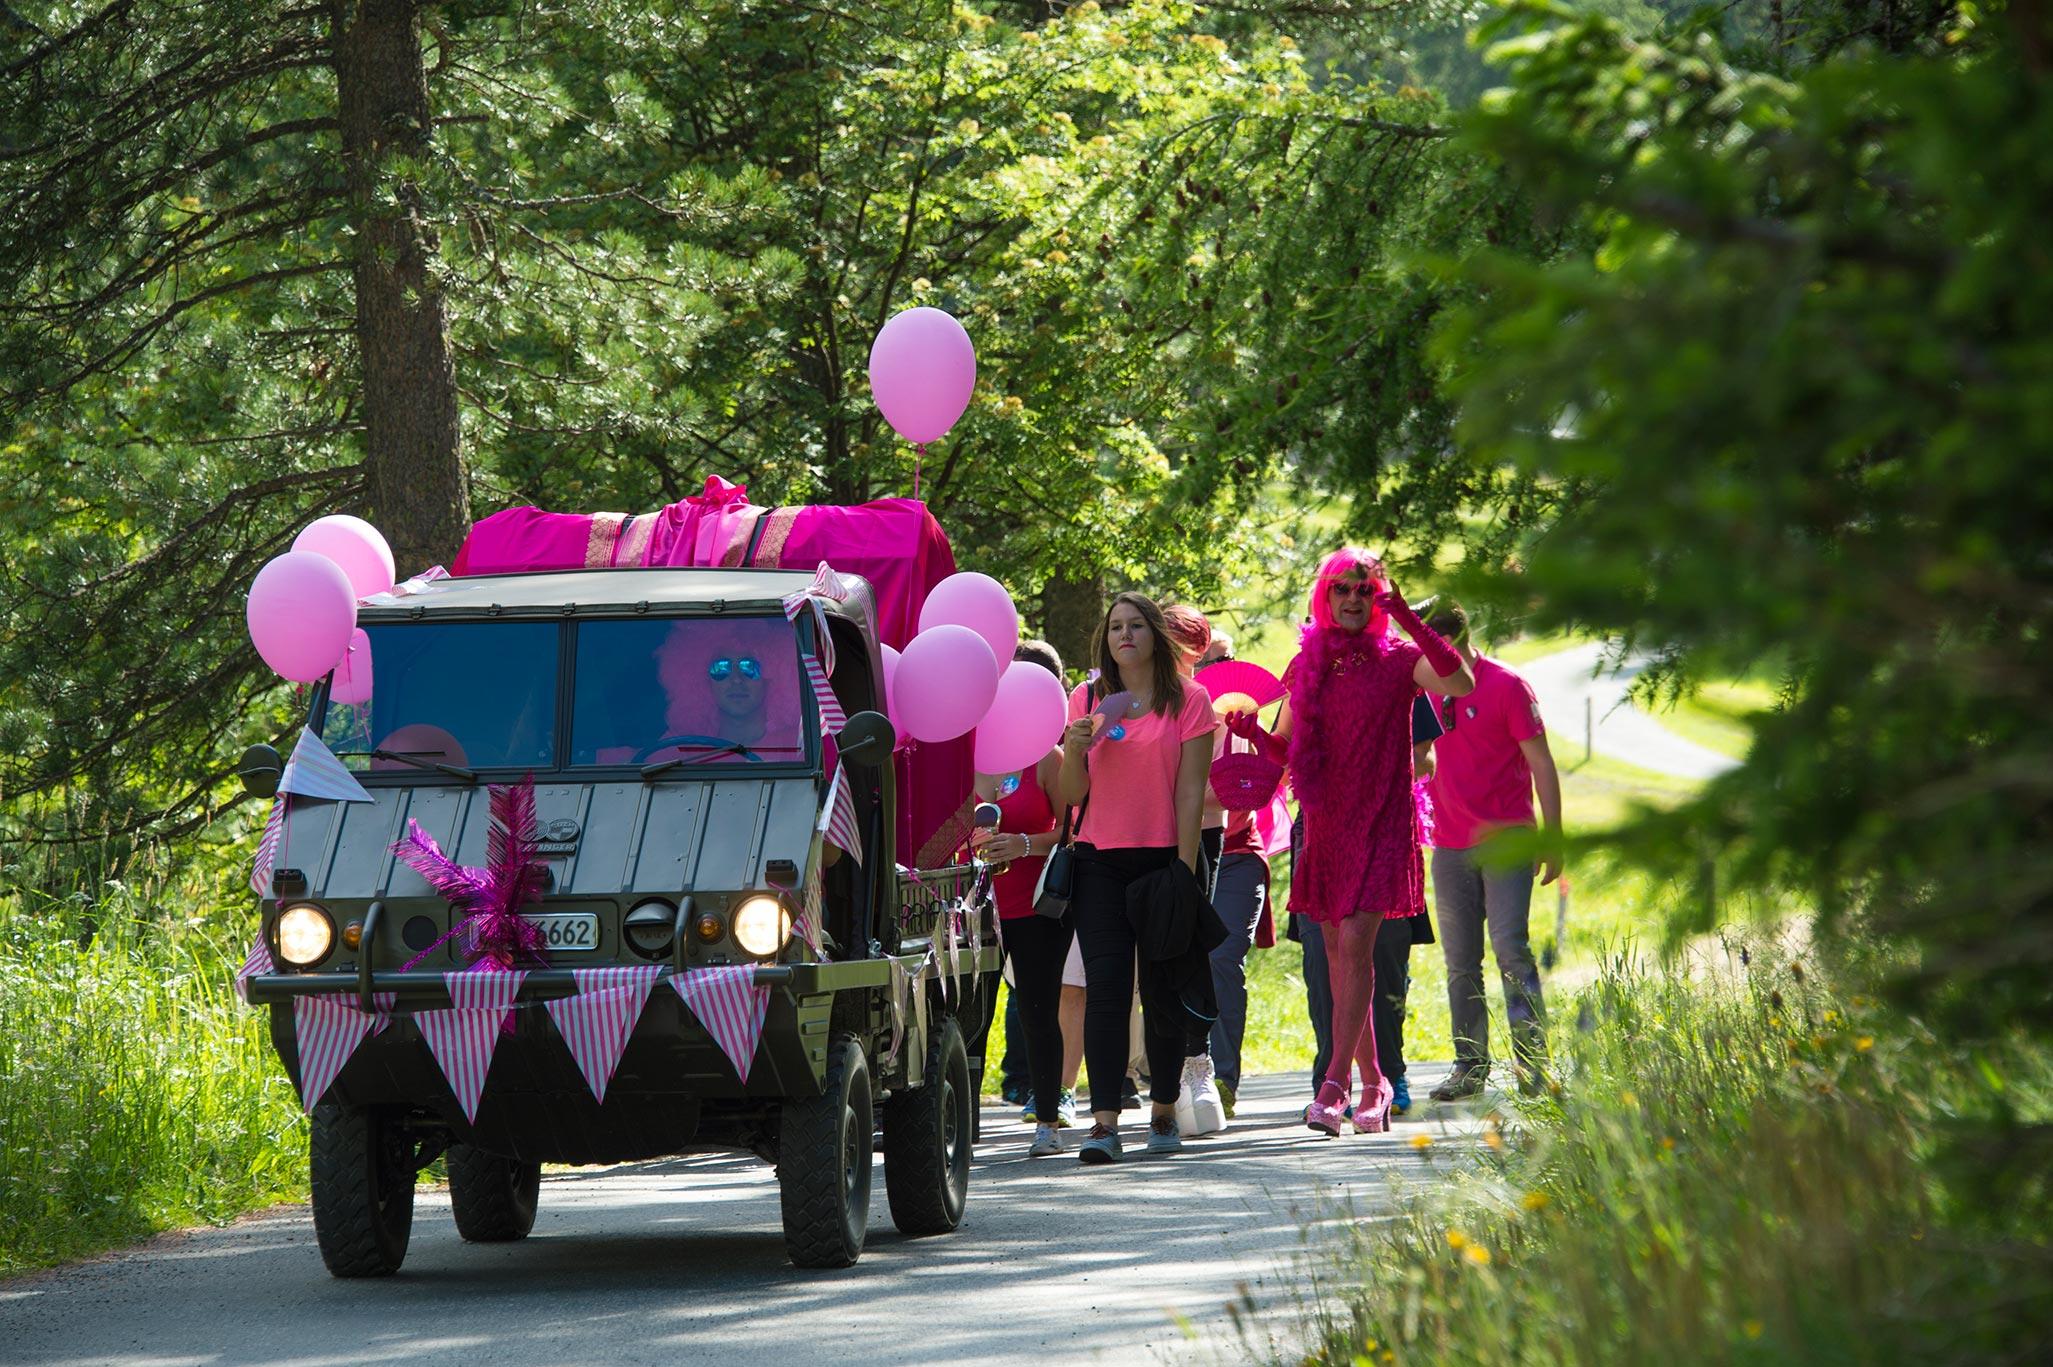 pink-pier-parade-2016-walk-lovemobil-2.jpg